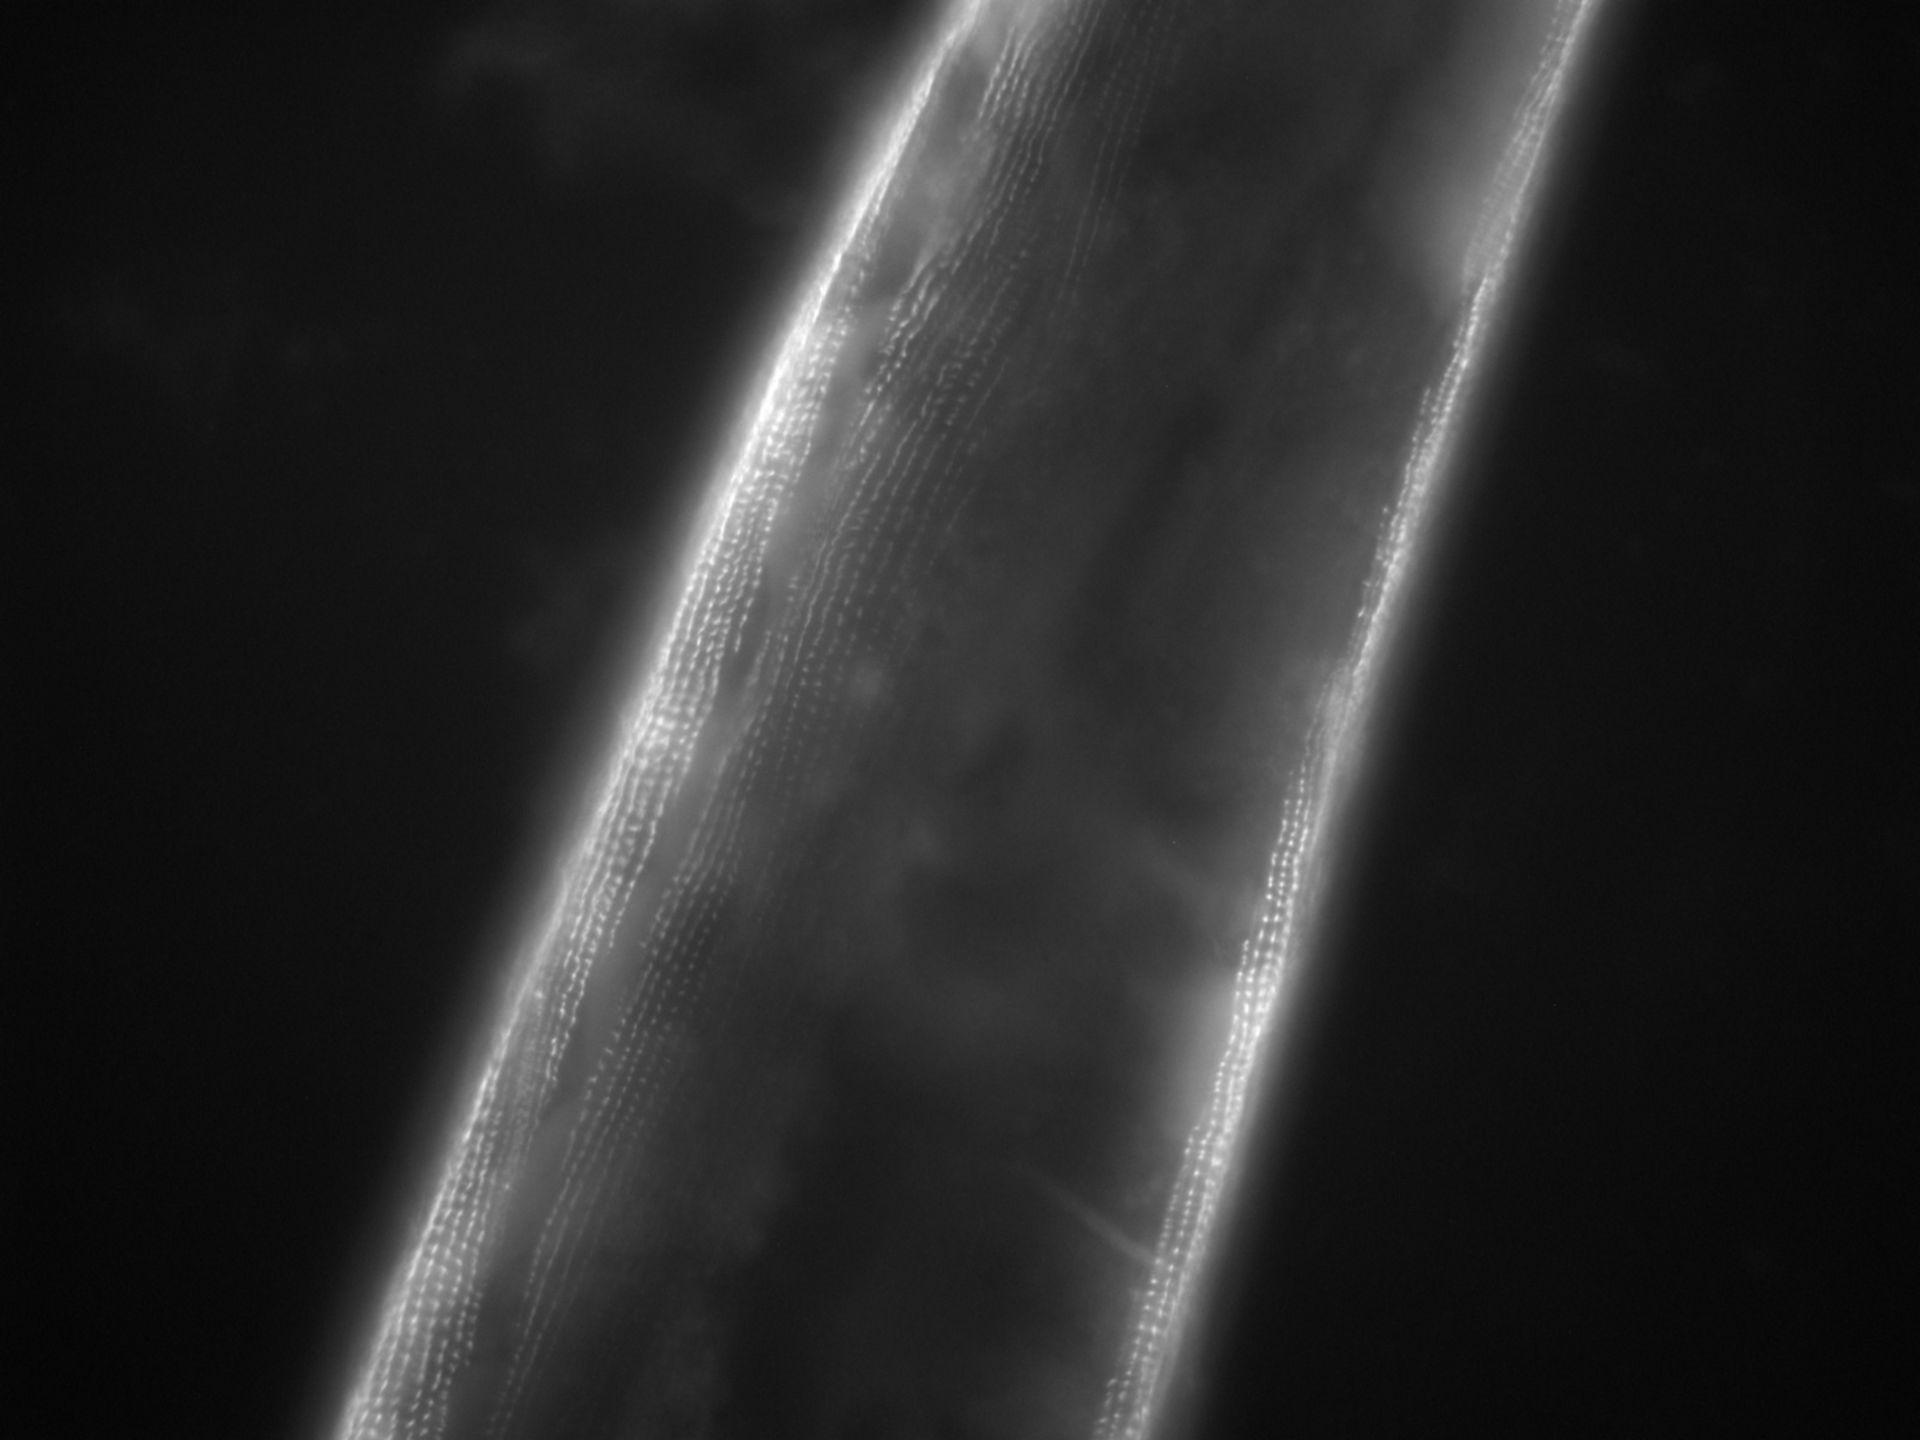 Caenorhabditis elegans (Actin filament) - CIL:1111